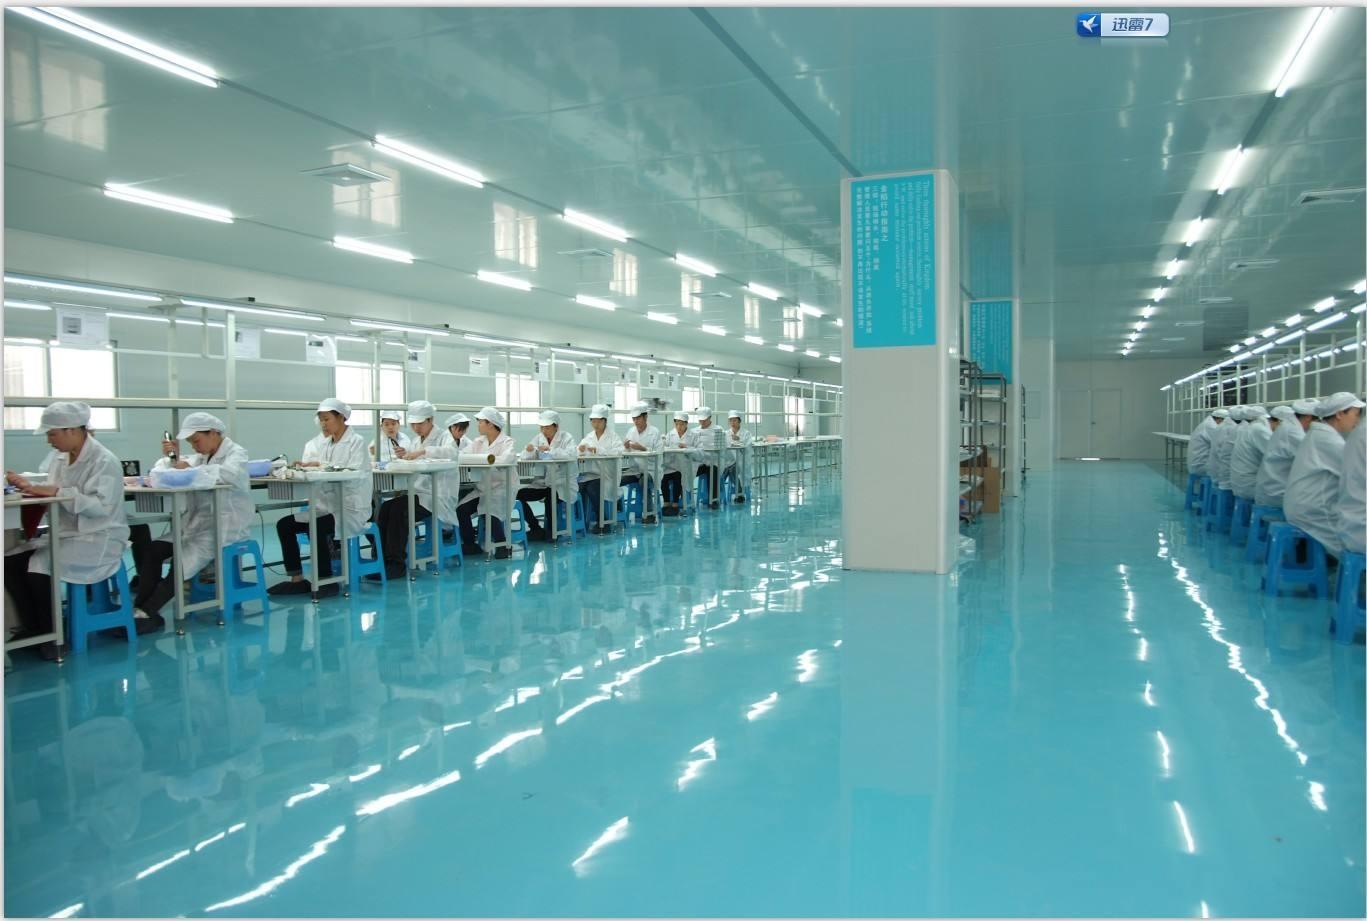 车间净化  印刷包装净化车间   生物医药净化车间  食品厂十万级净化车间